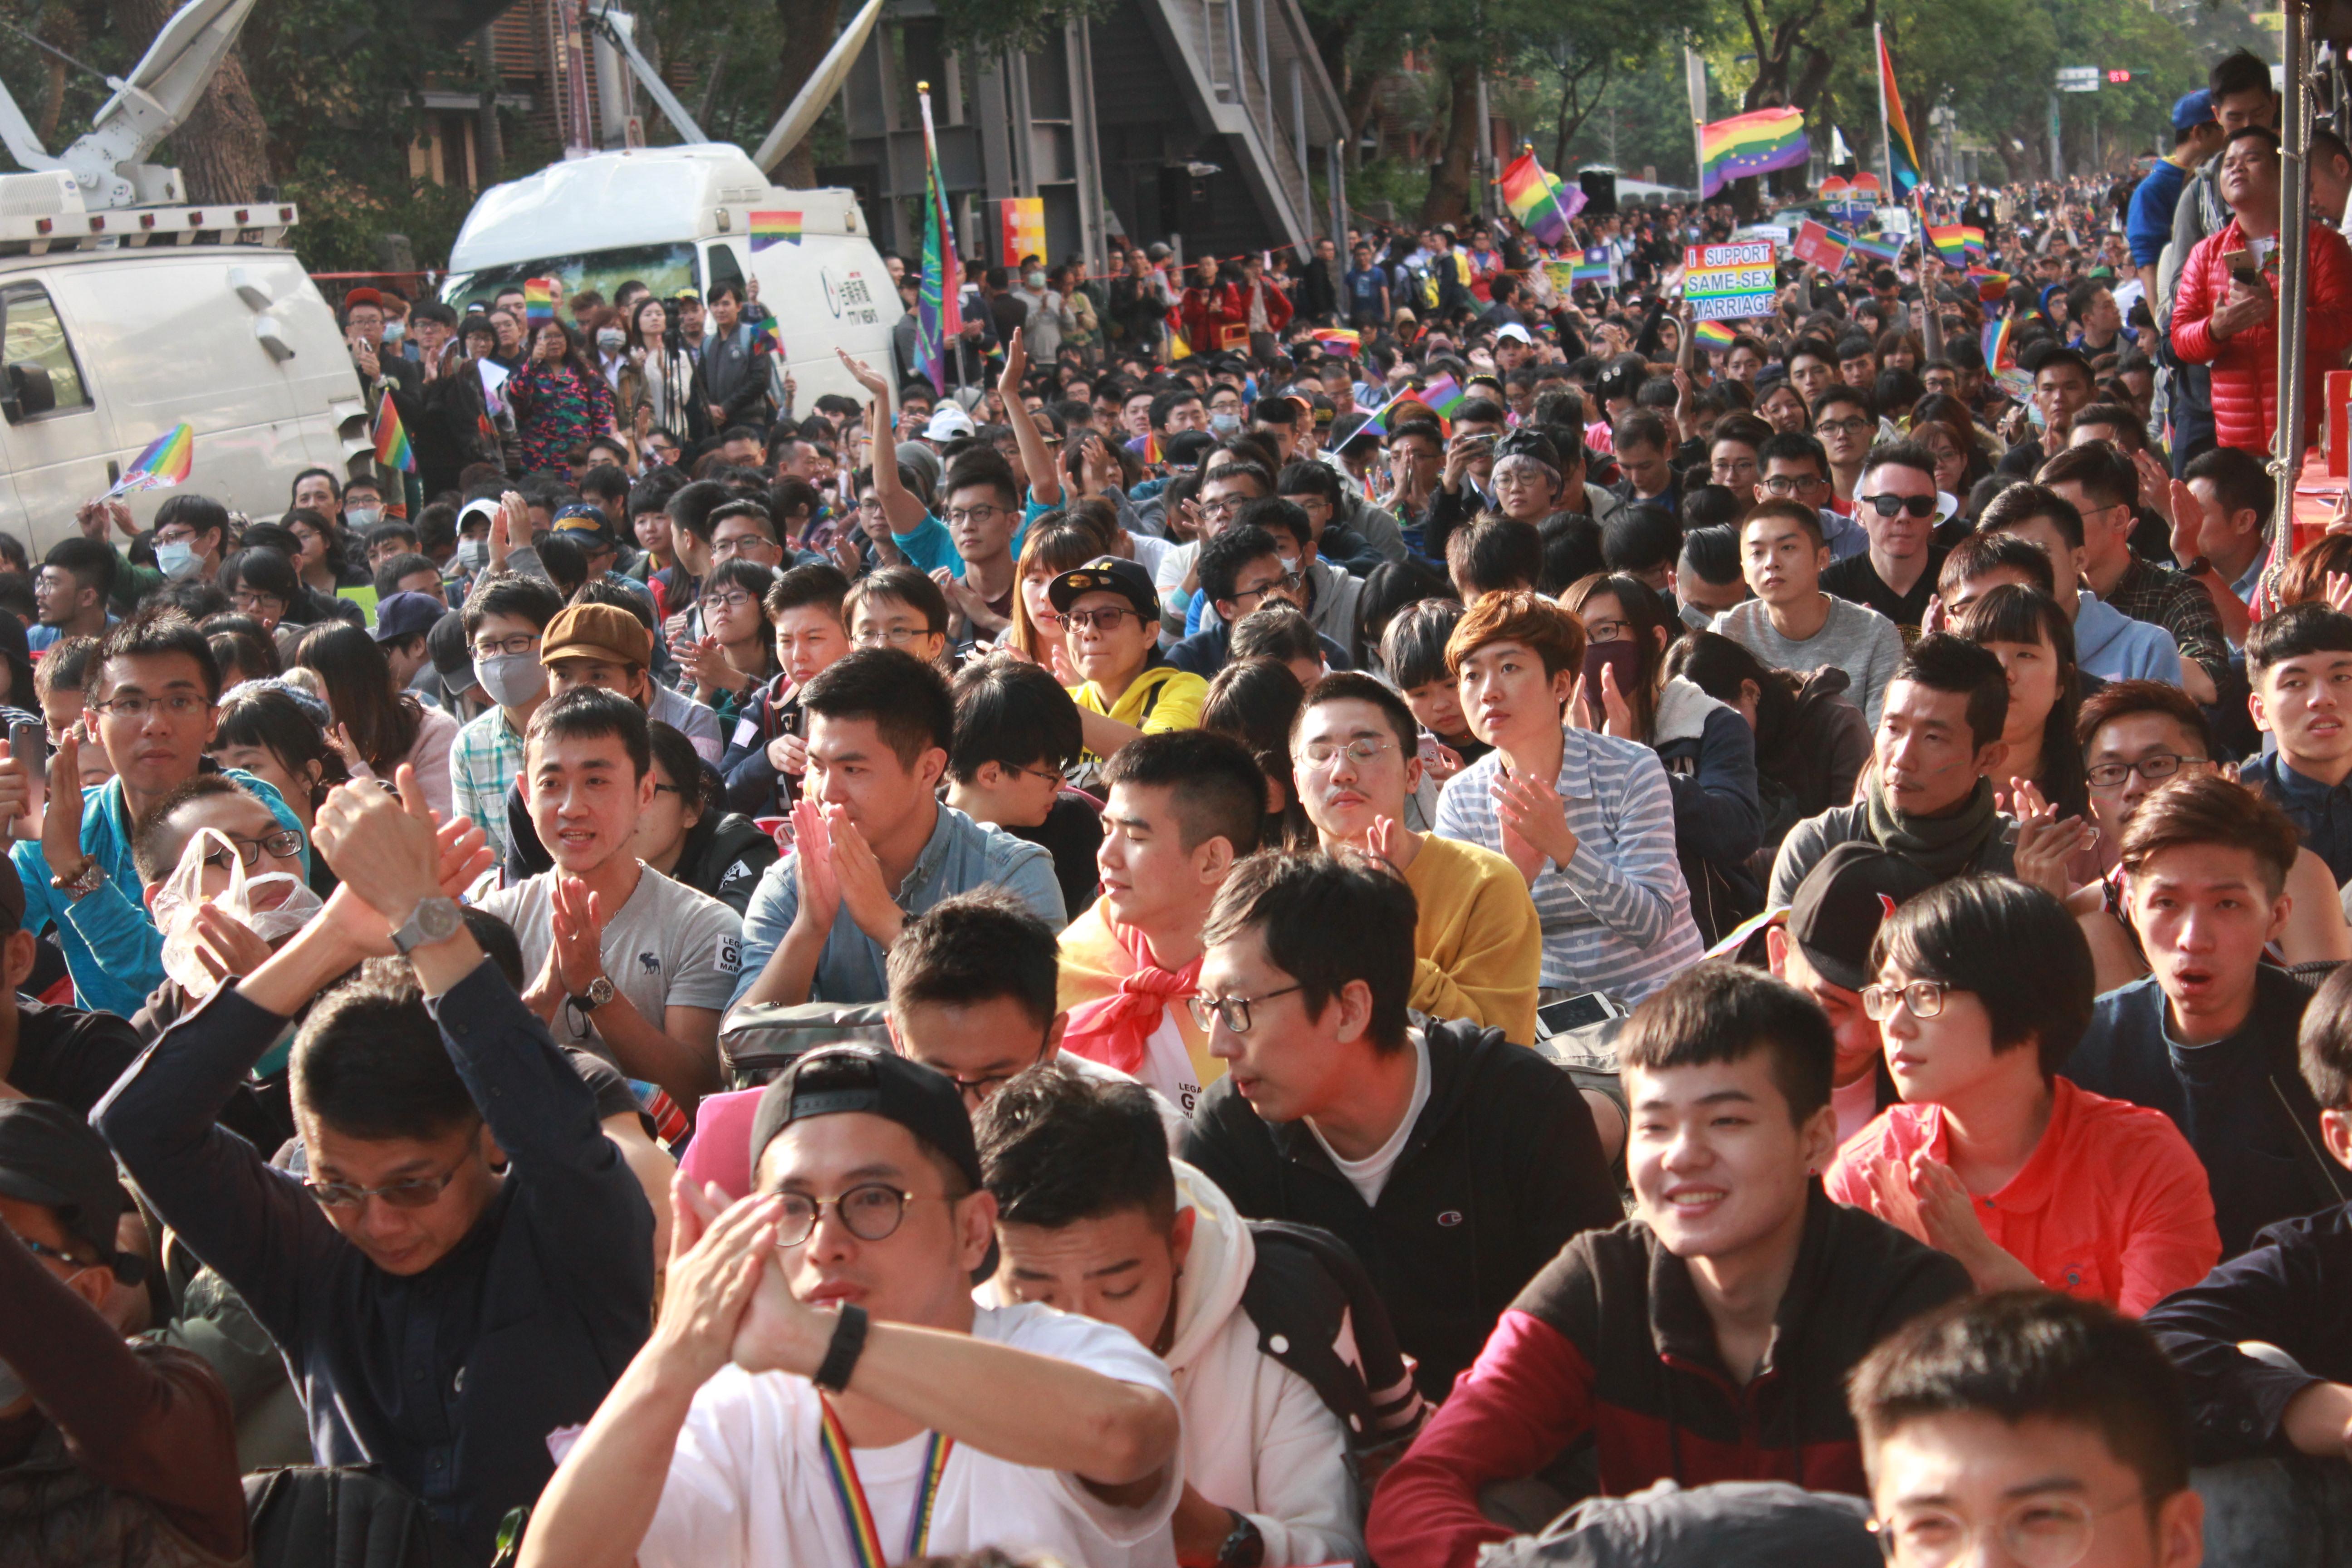 昨日力挺同婚的群眾滿溢出青島東路立院側門,主辦單位估計到場人數超過兩萬人。(攝影:張宗坤)